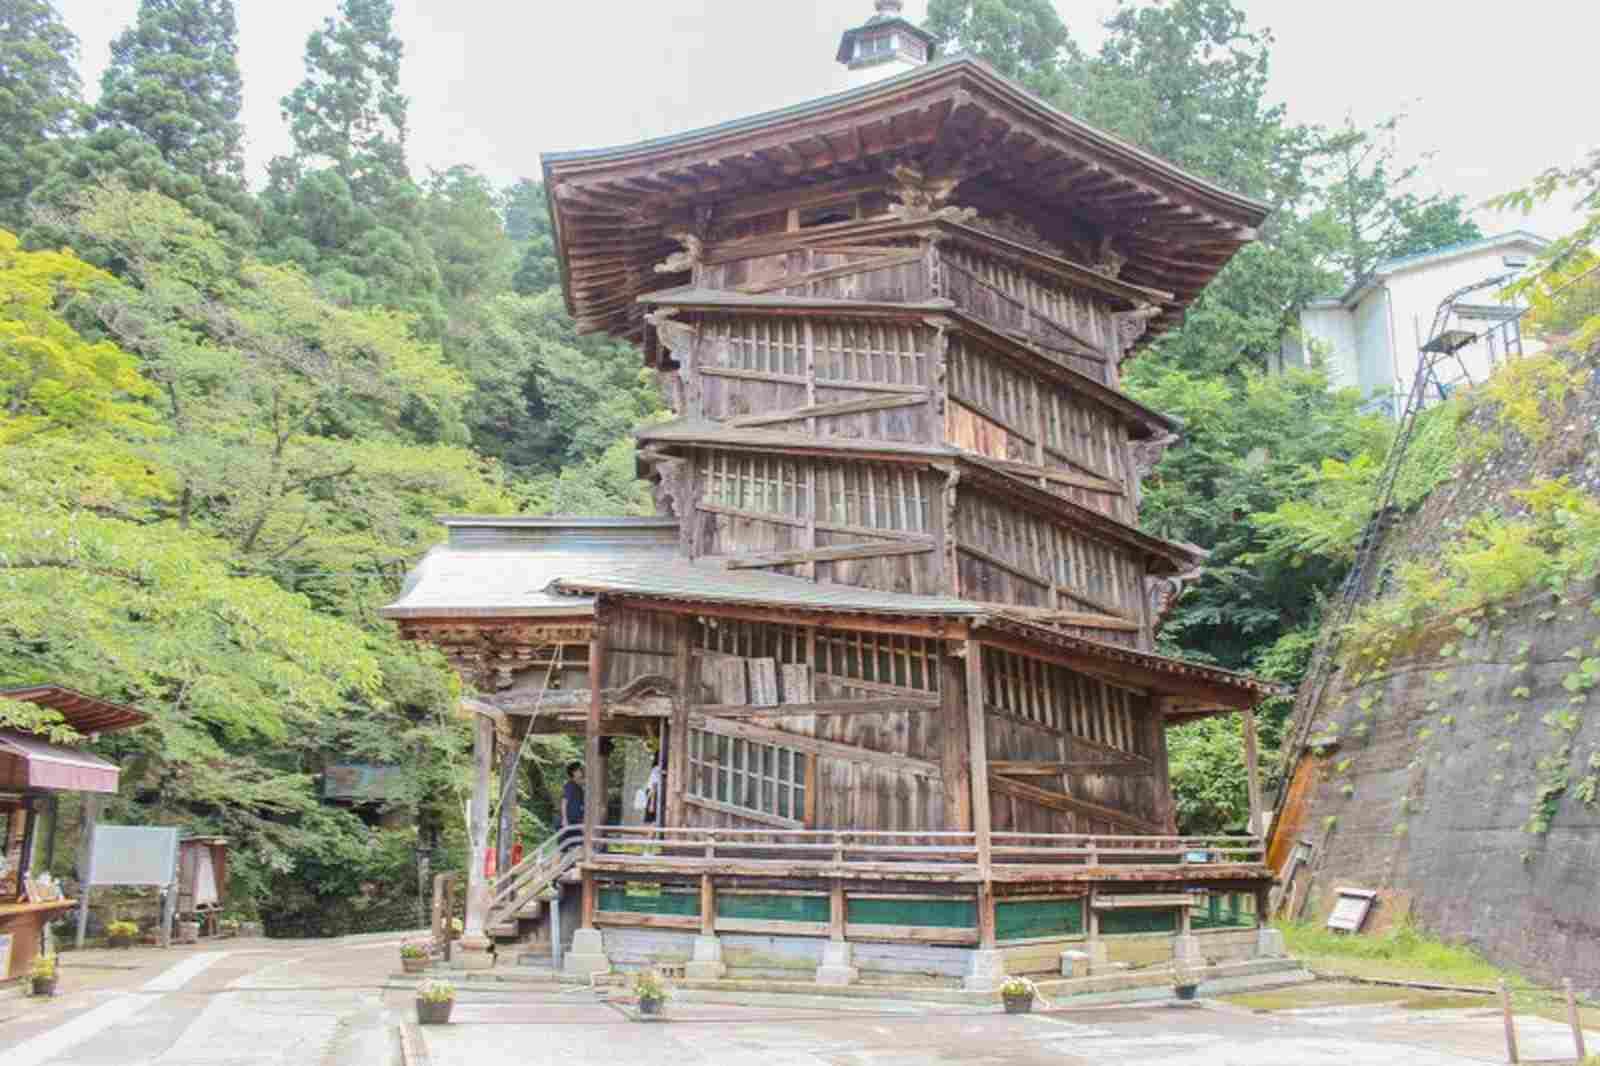 Sazae-dō